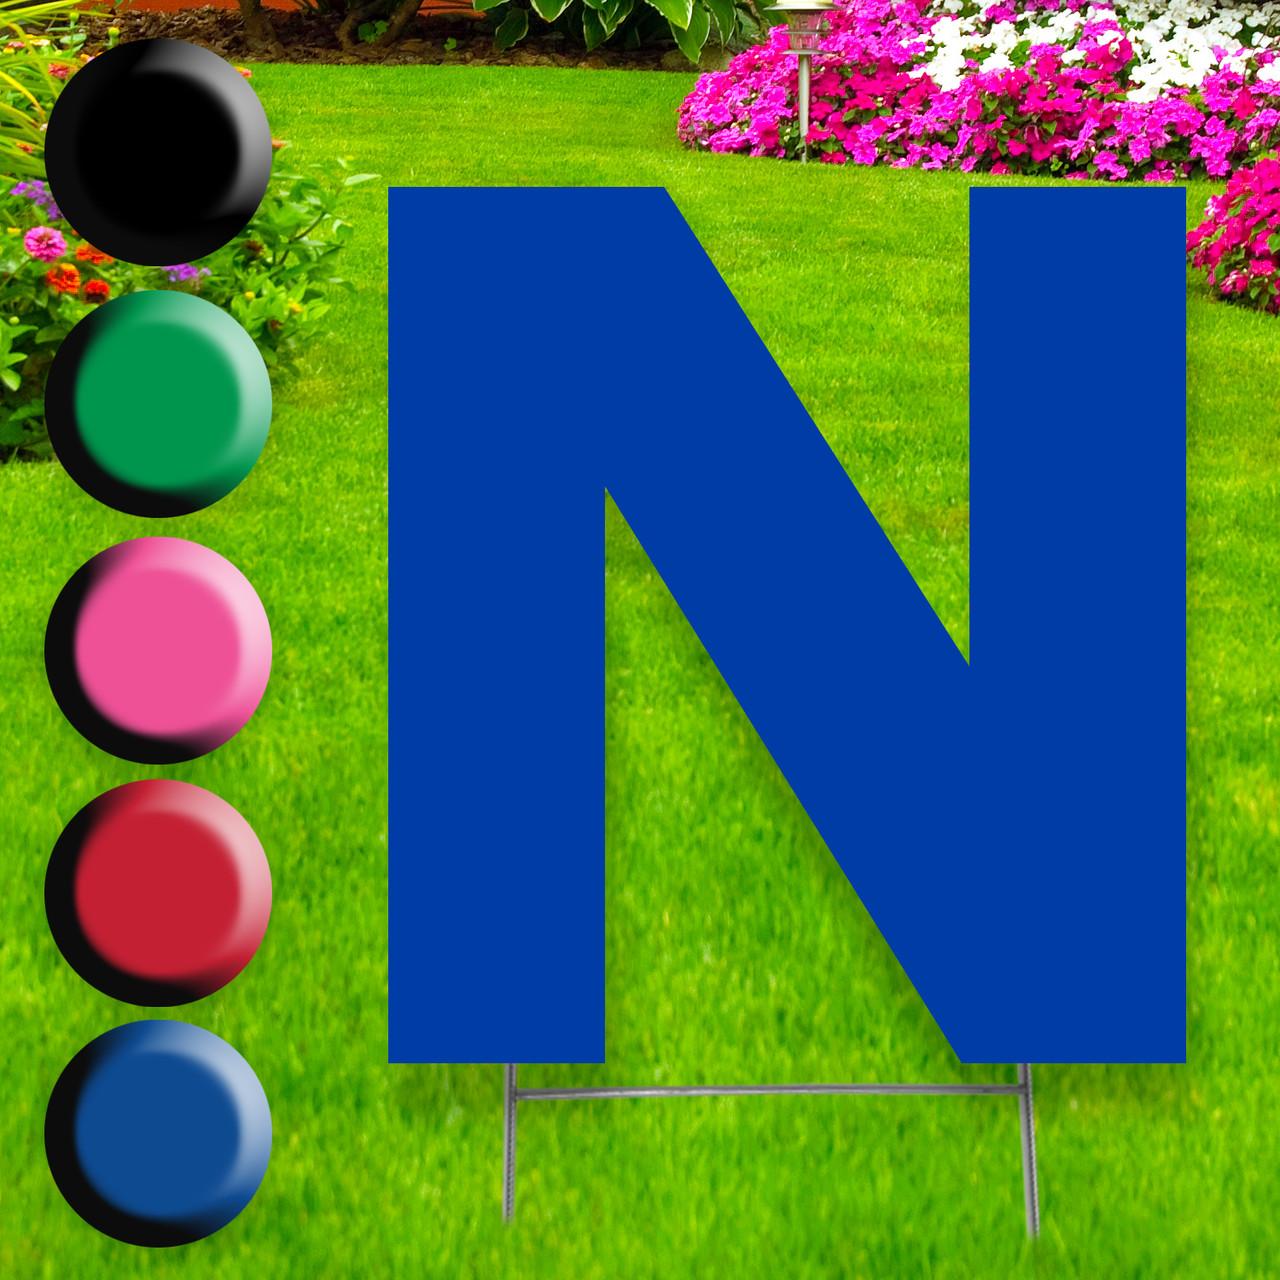 Letter N yard sign